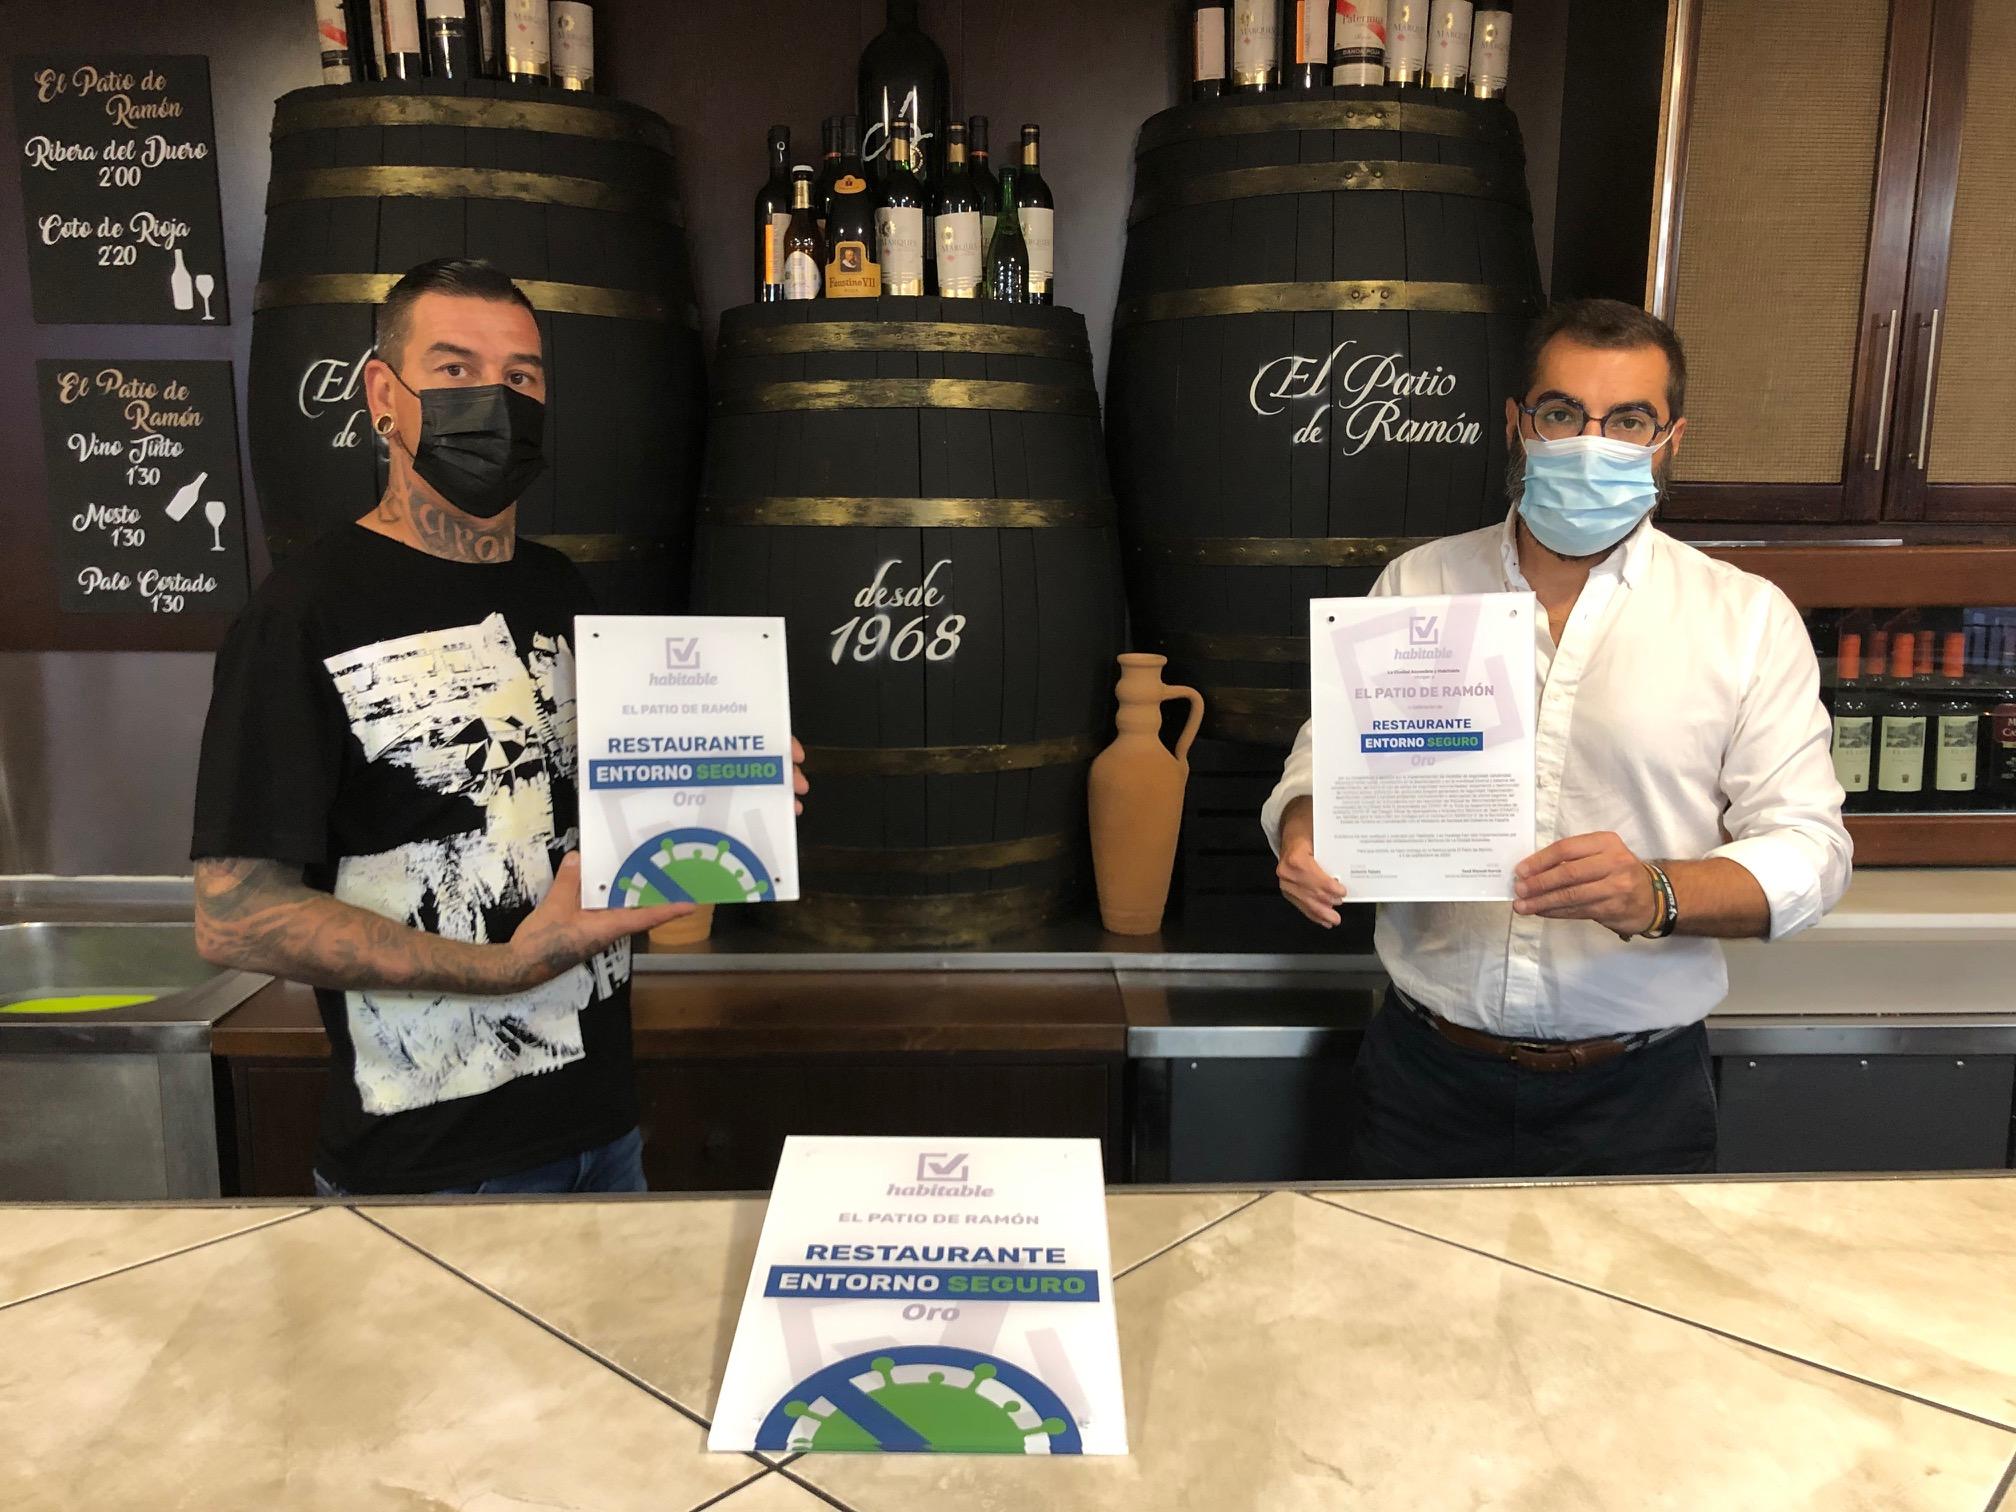 Maracena tiene ya su primer restaurante con el distintivo 'Entorno Seguro' de la COVID-19